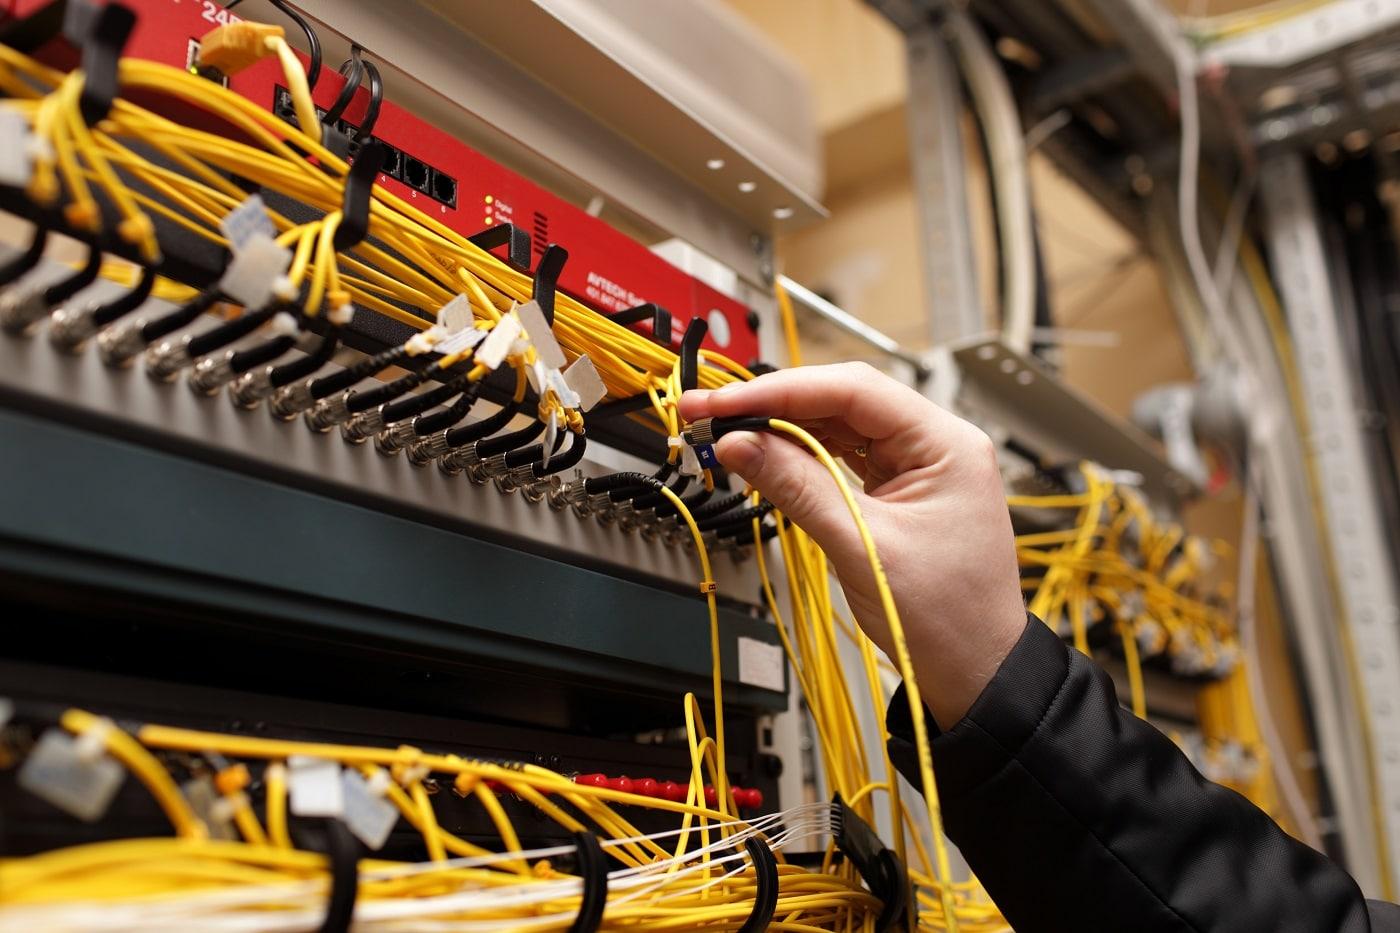 Devenir technicien système et réseau: comment procéder?